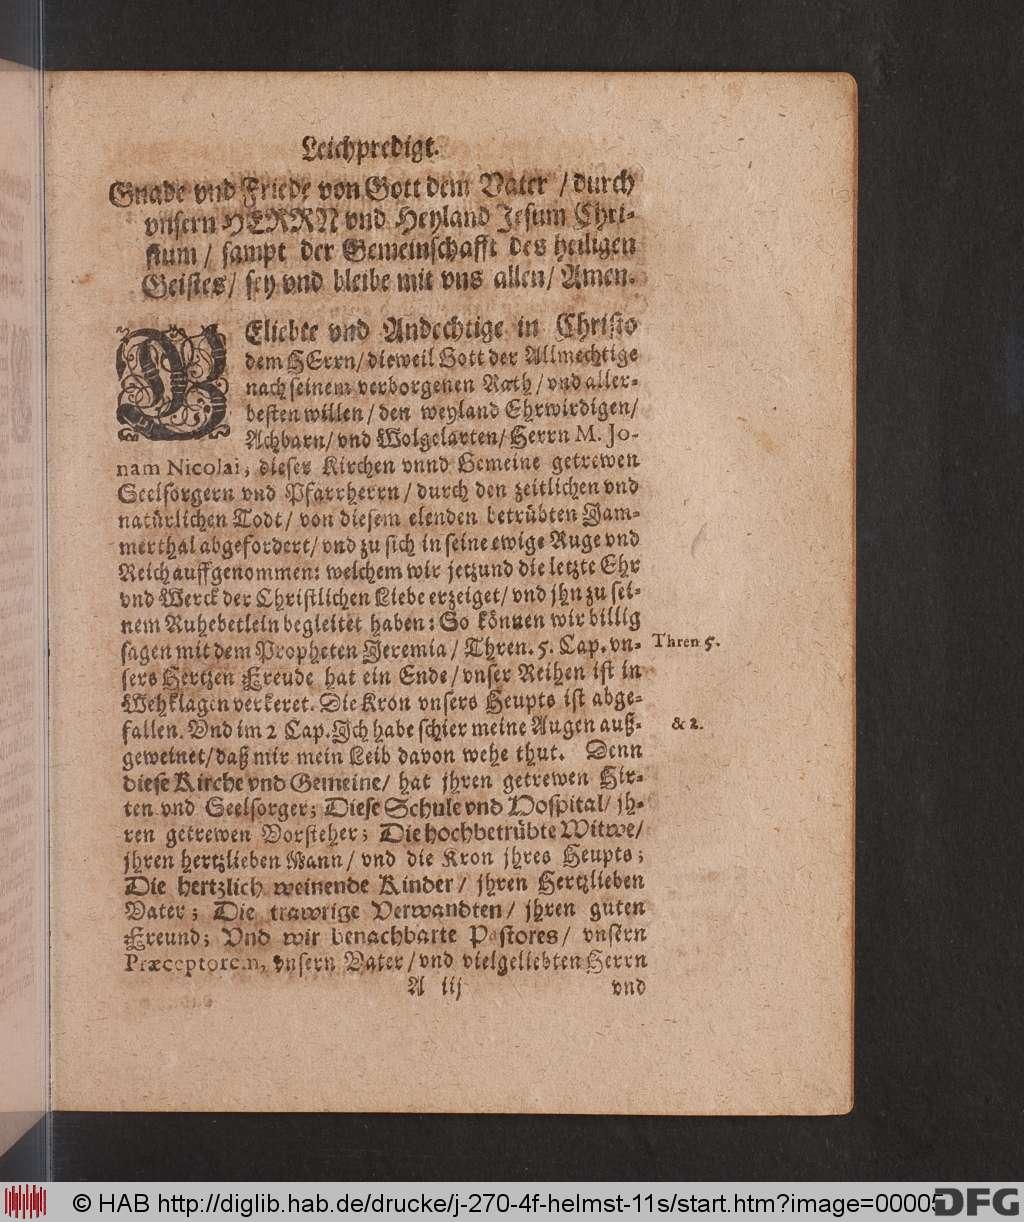 http://diglib.hab.de/drucke/j-270-4f-helmst-11s/00005.jpg